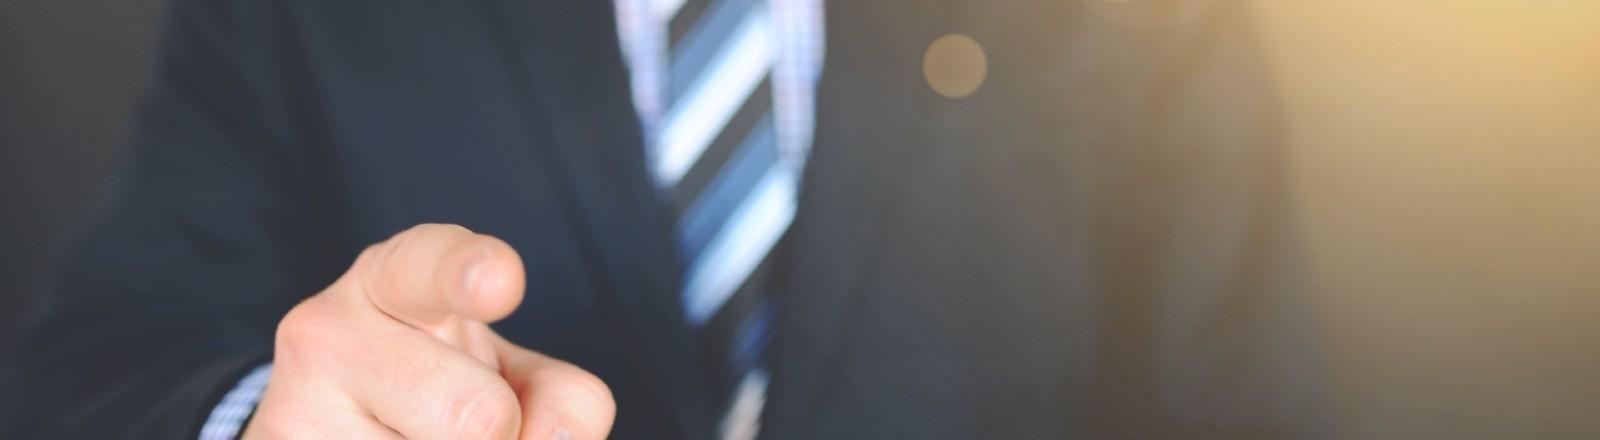 Ein Mann im Anzug zeigt mit dem Zeigefinger Richtung Kamera